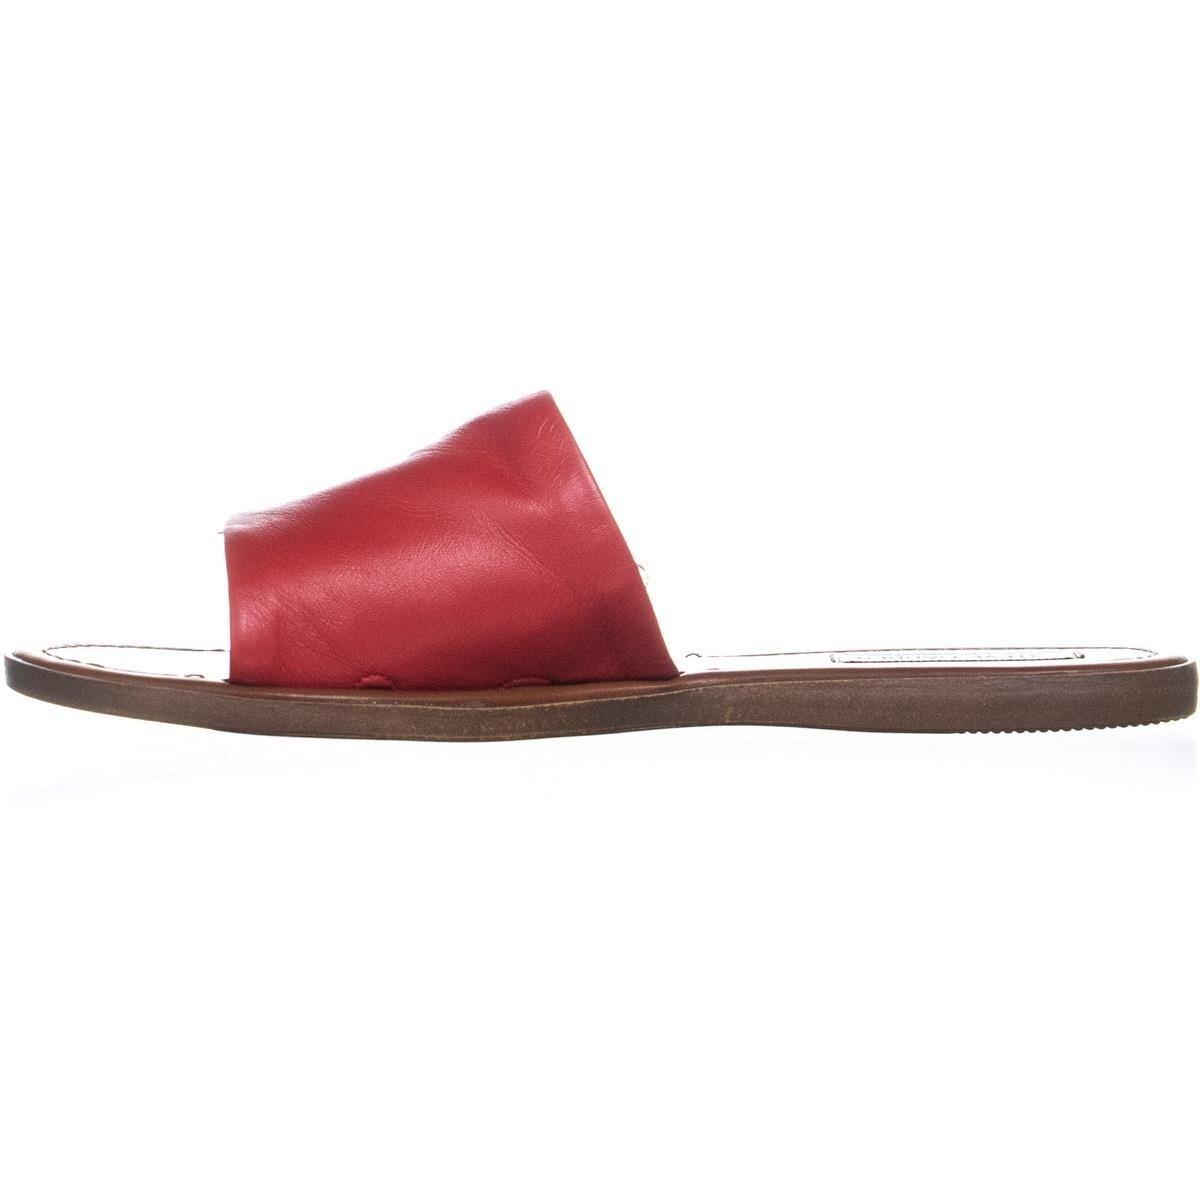 c4d03bb0ddf Steve Madden Camilla Flat Slide Sandals, Red Leather - 8.5 US